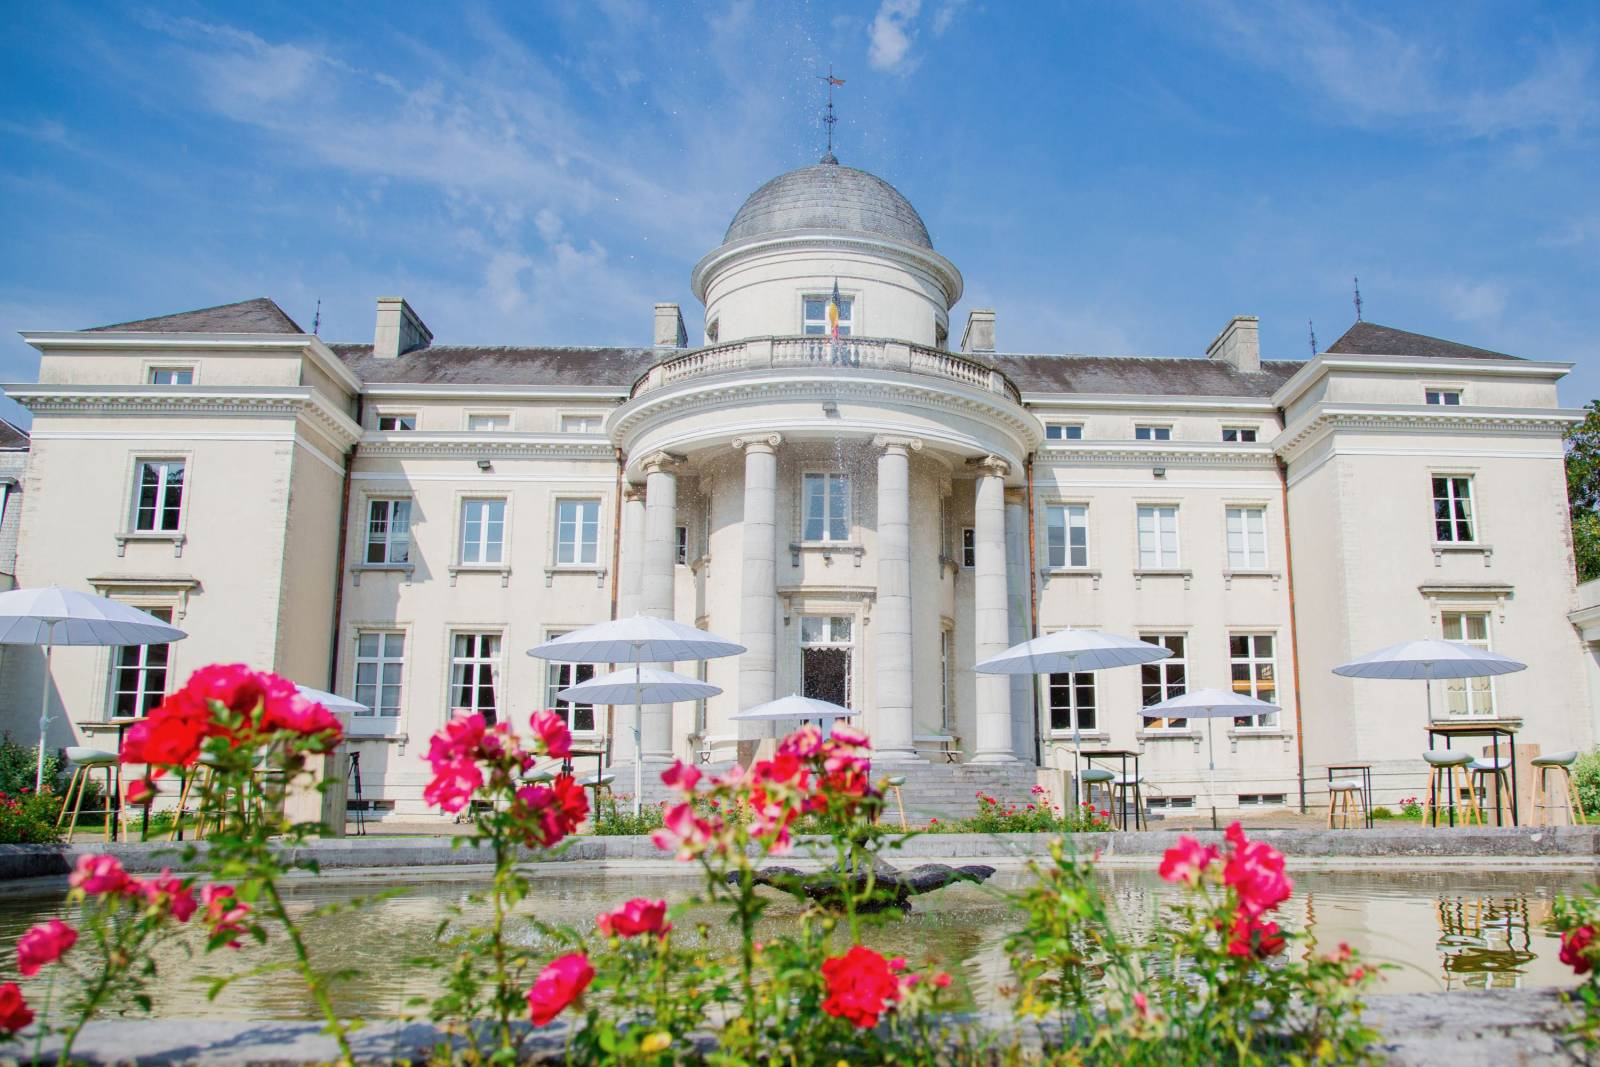 Trouwkasteel - Feestzaal - House of Weddings - 6